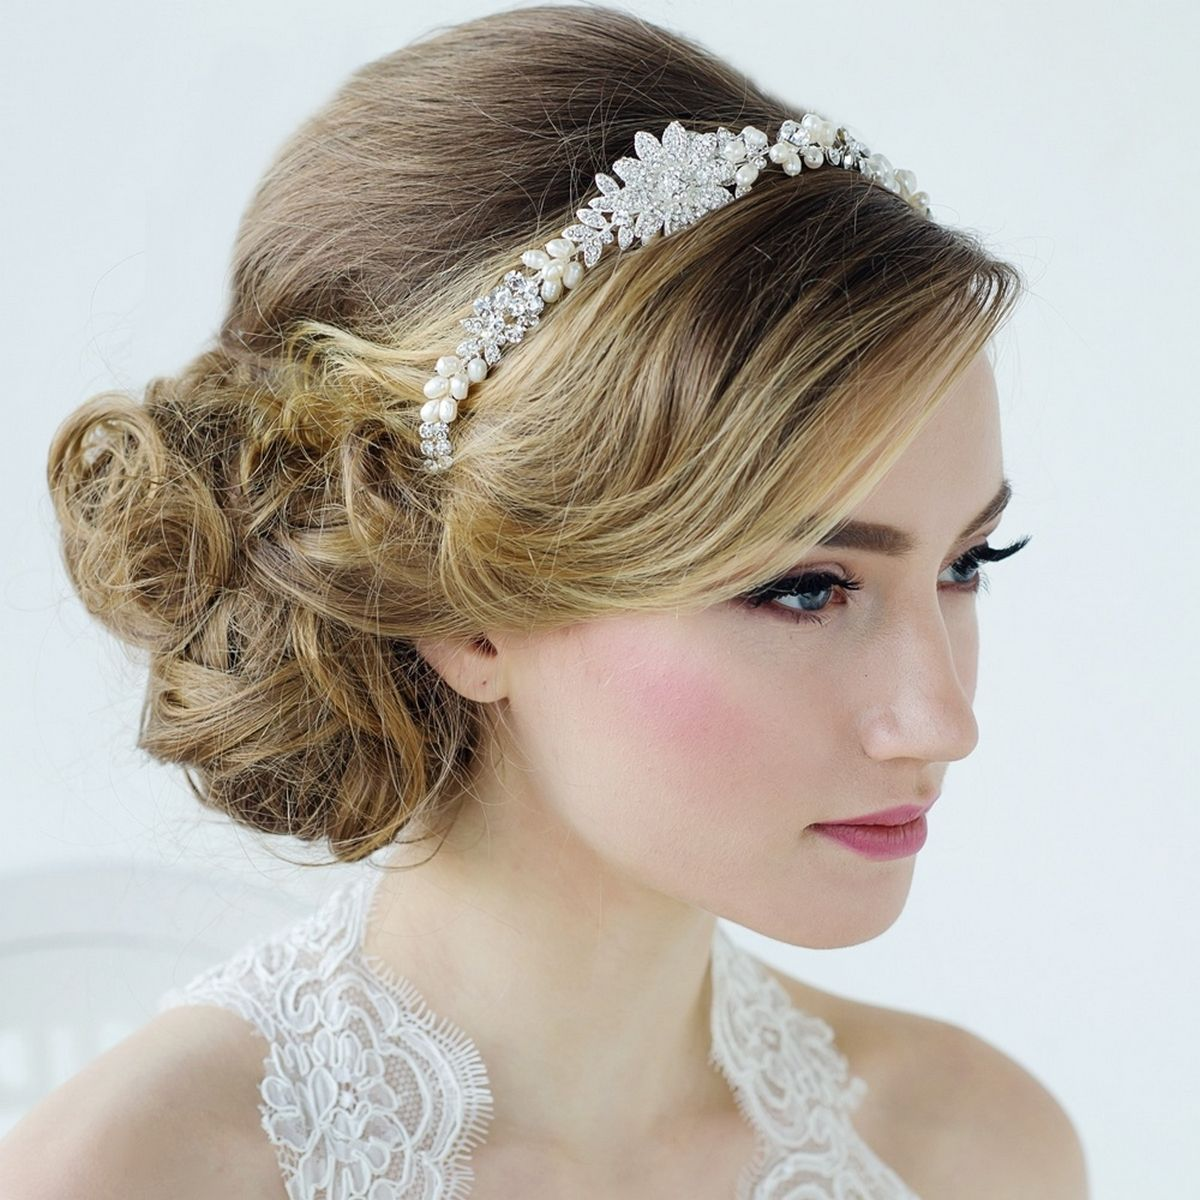 aye do ltd - angelica hair vine (awj), £76.00 (http://www